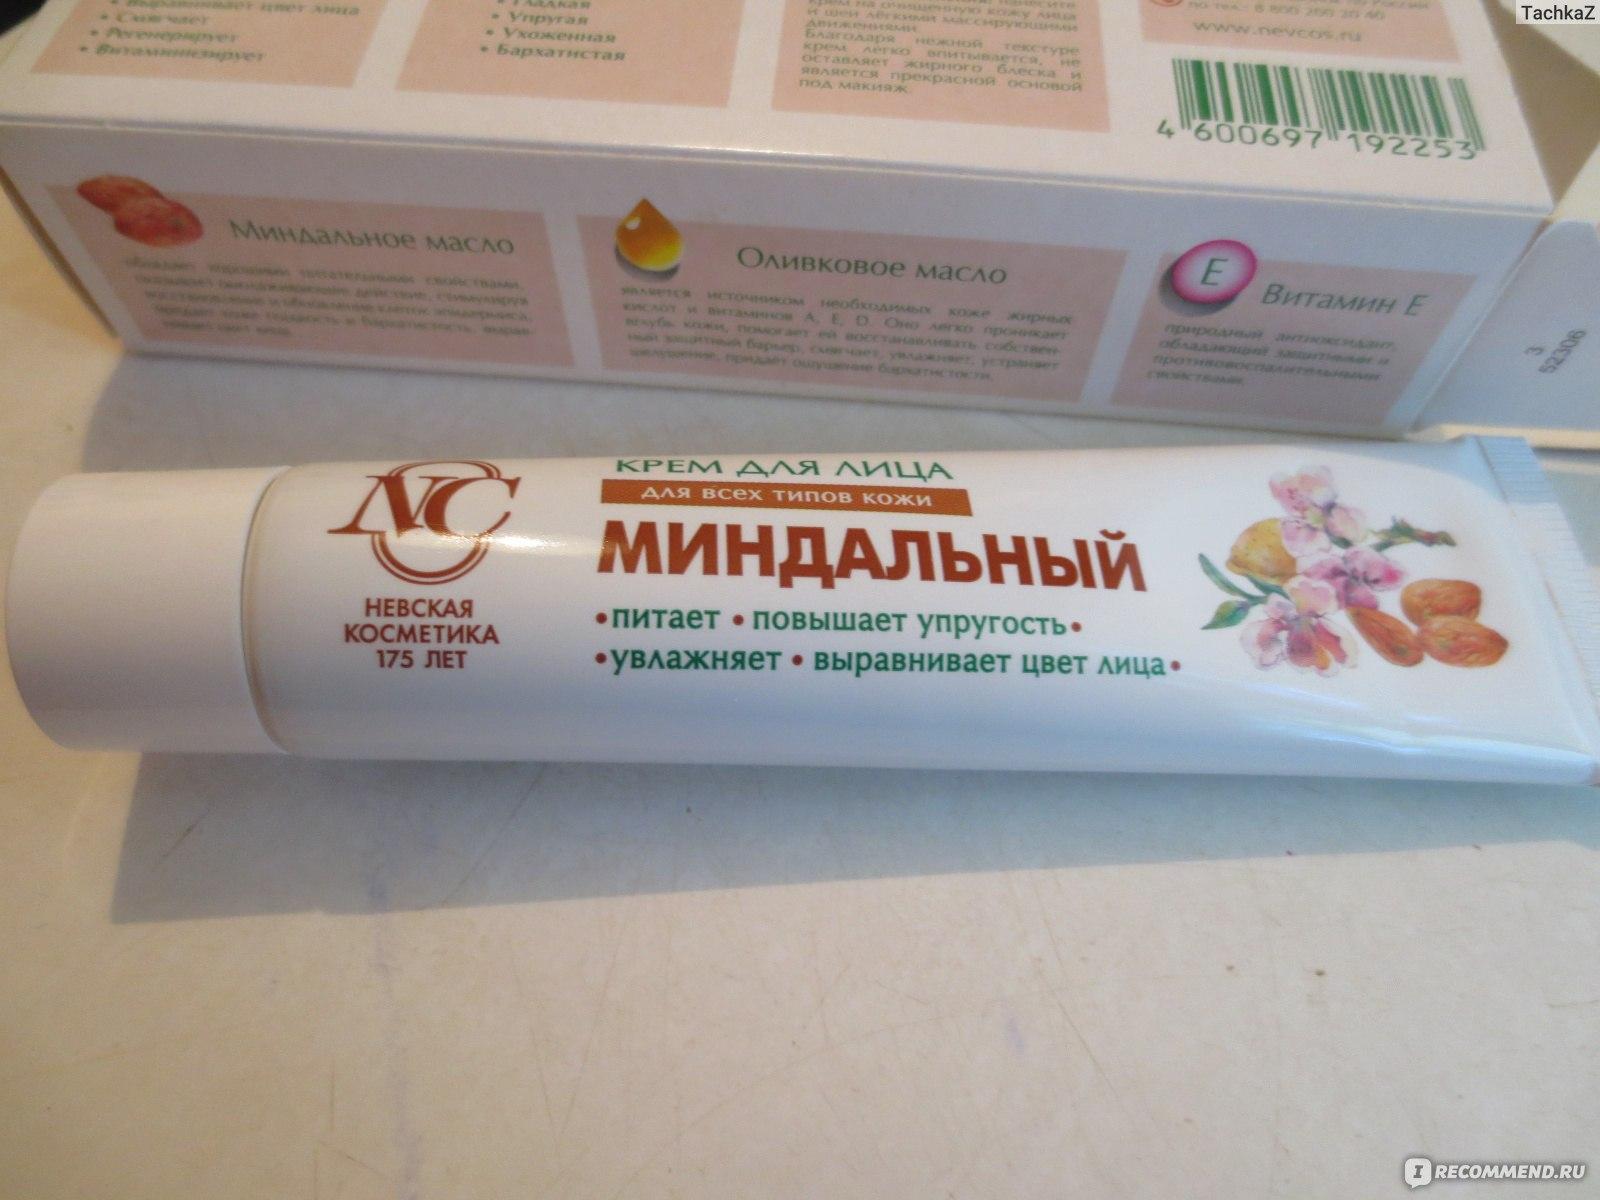 Невская косметика миндальный крем купить май ейвон